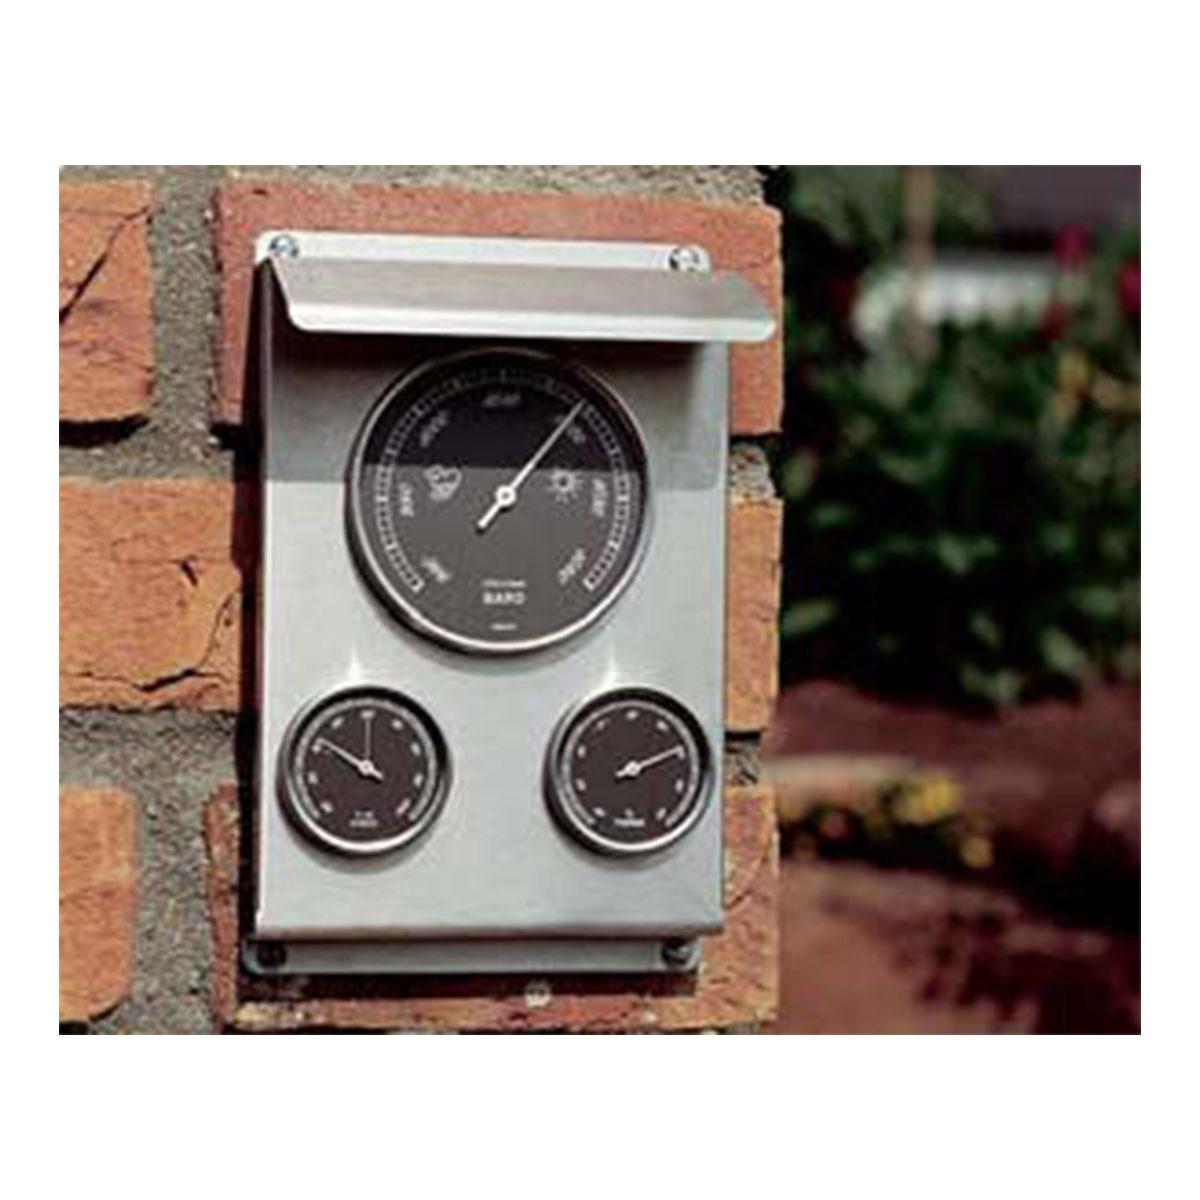 20-2009-analoge-aussenwetterstation-aluminium-anwendung-1200x1200px.jpg